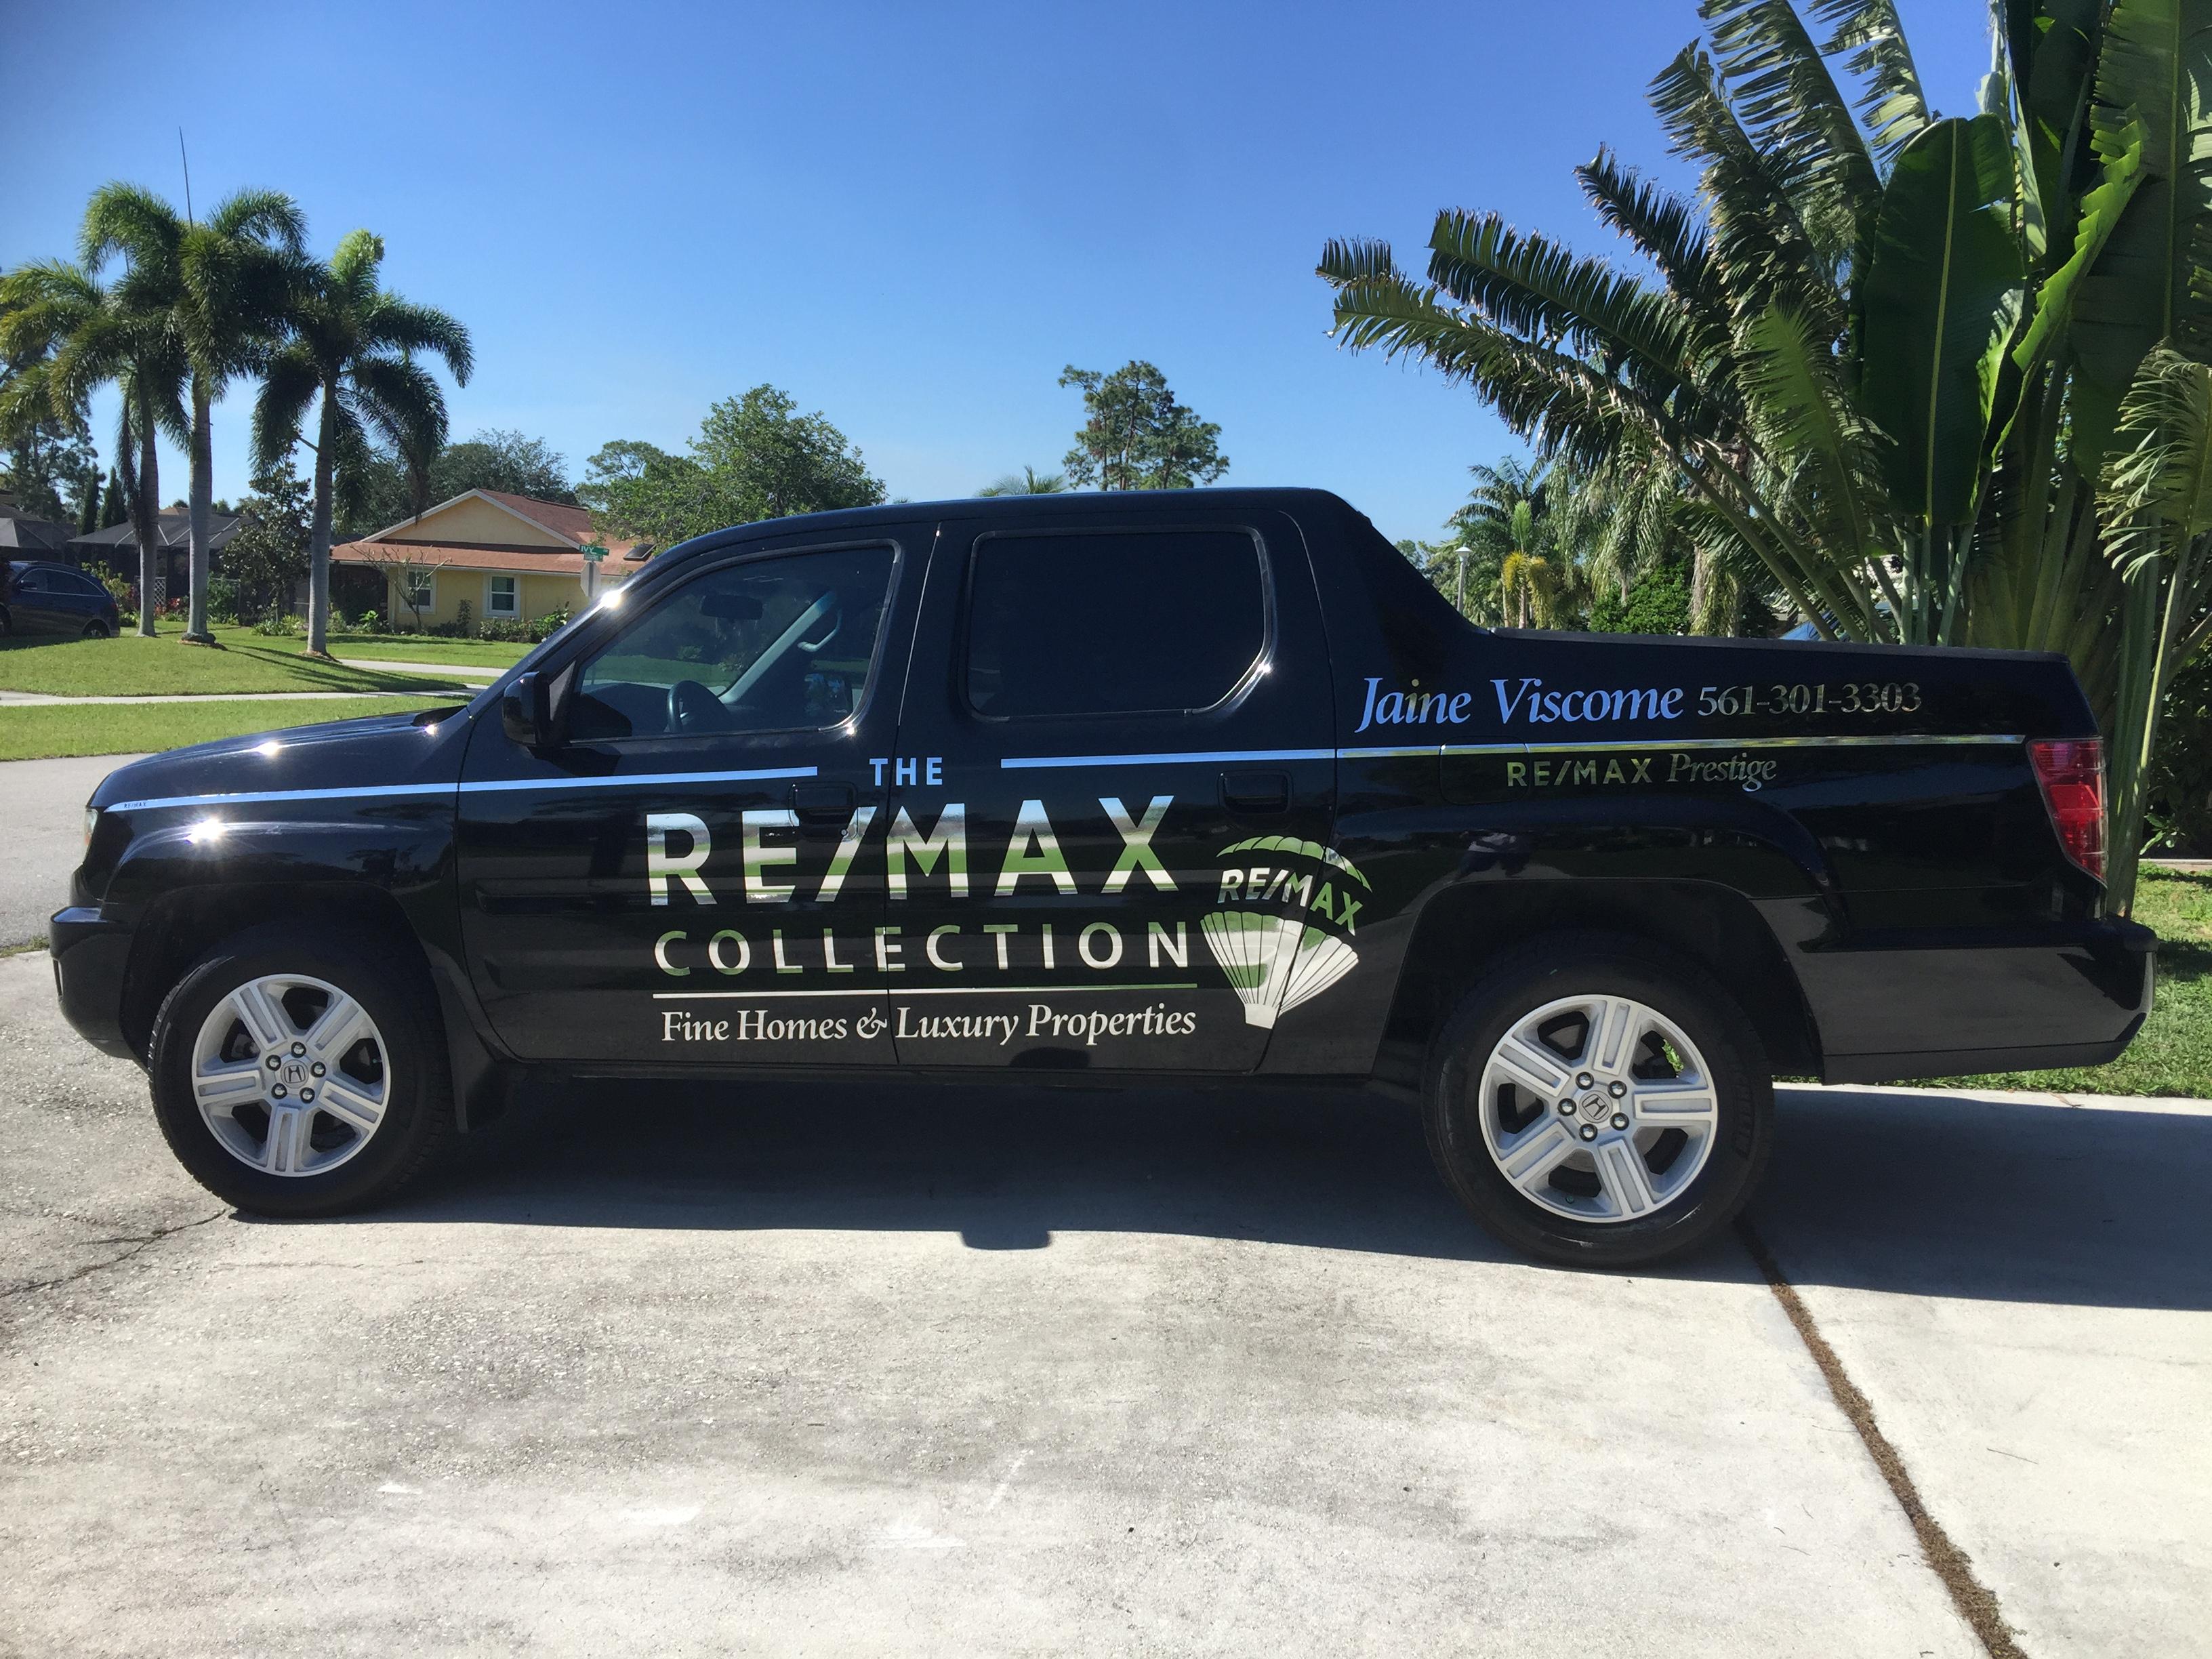 remax car wrap